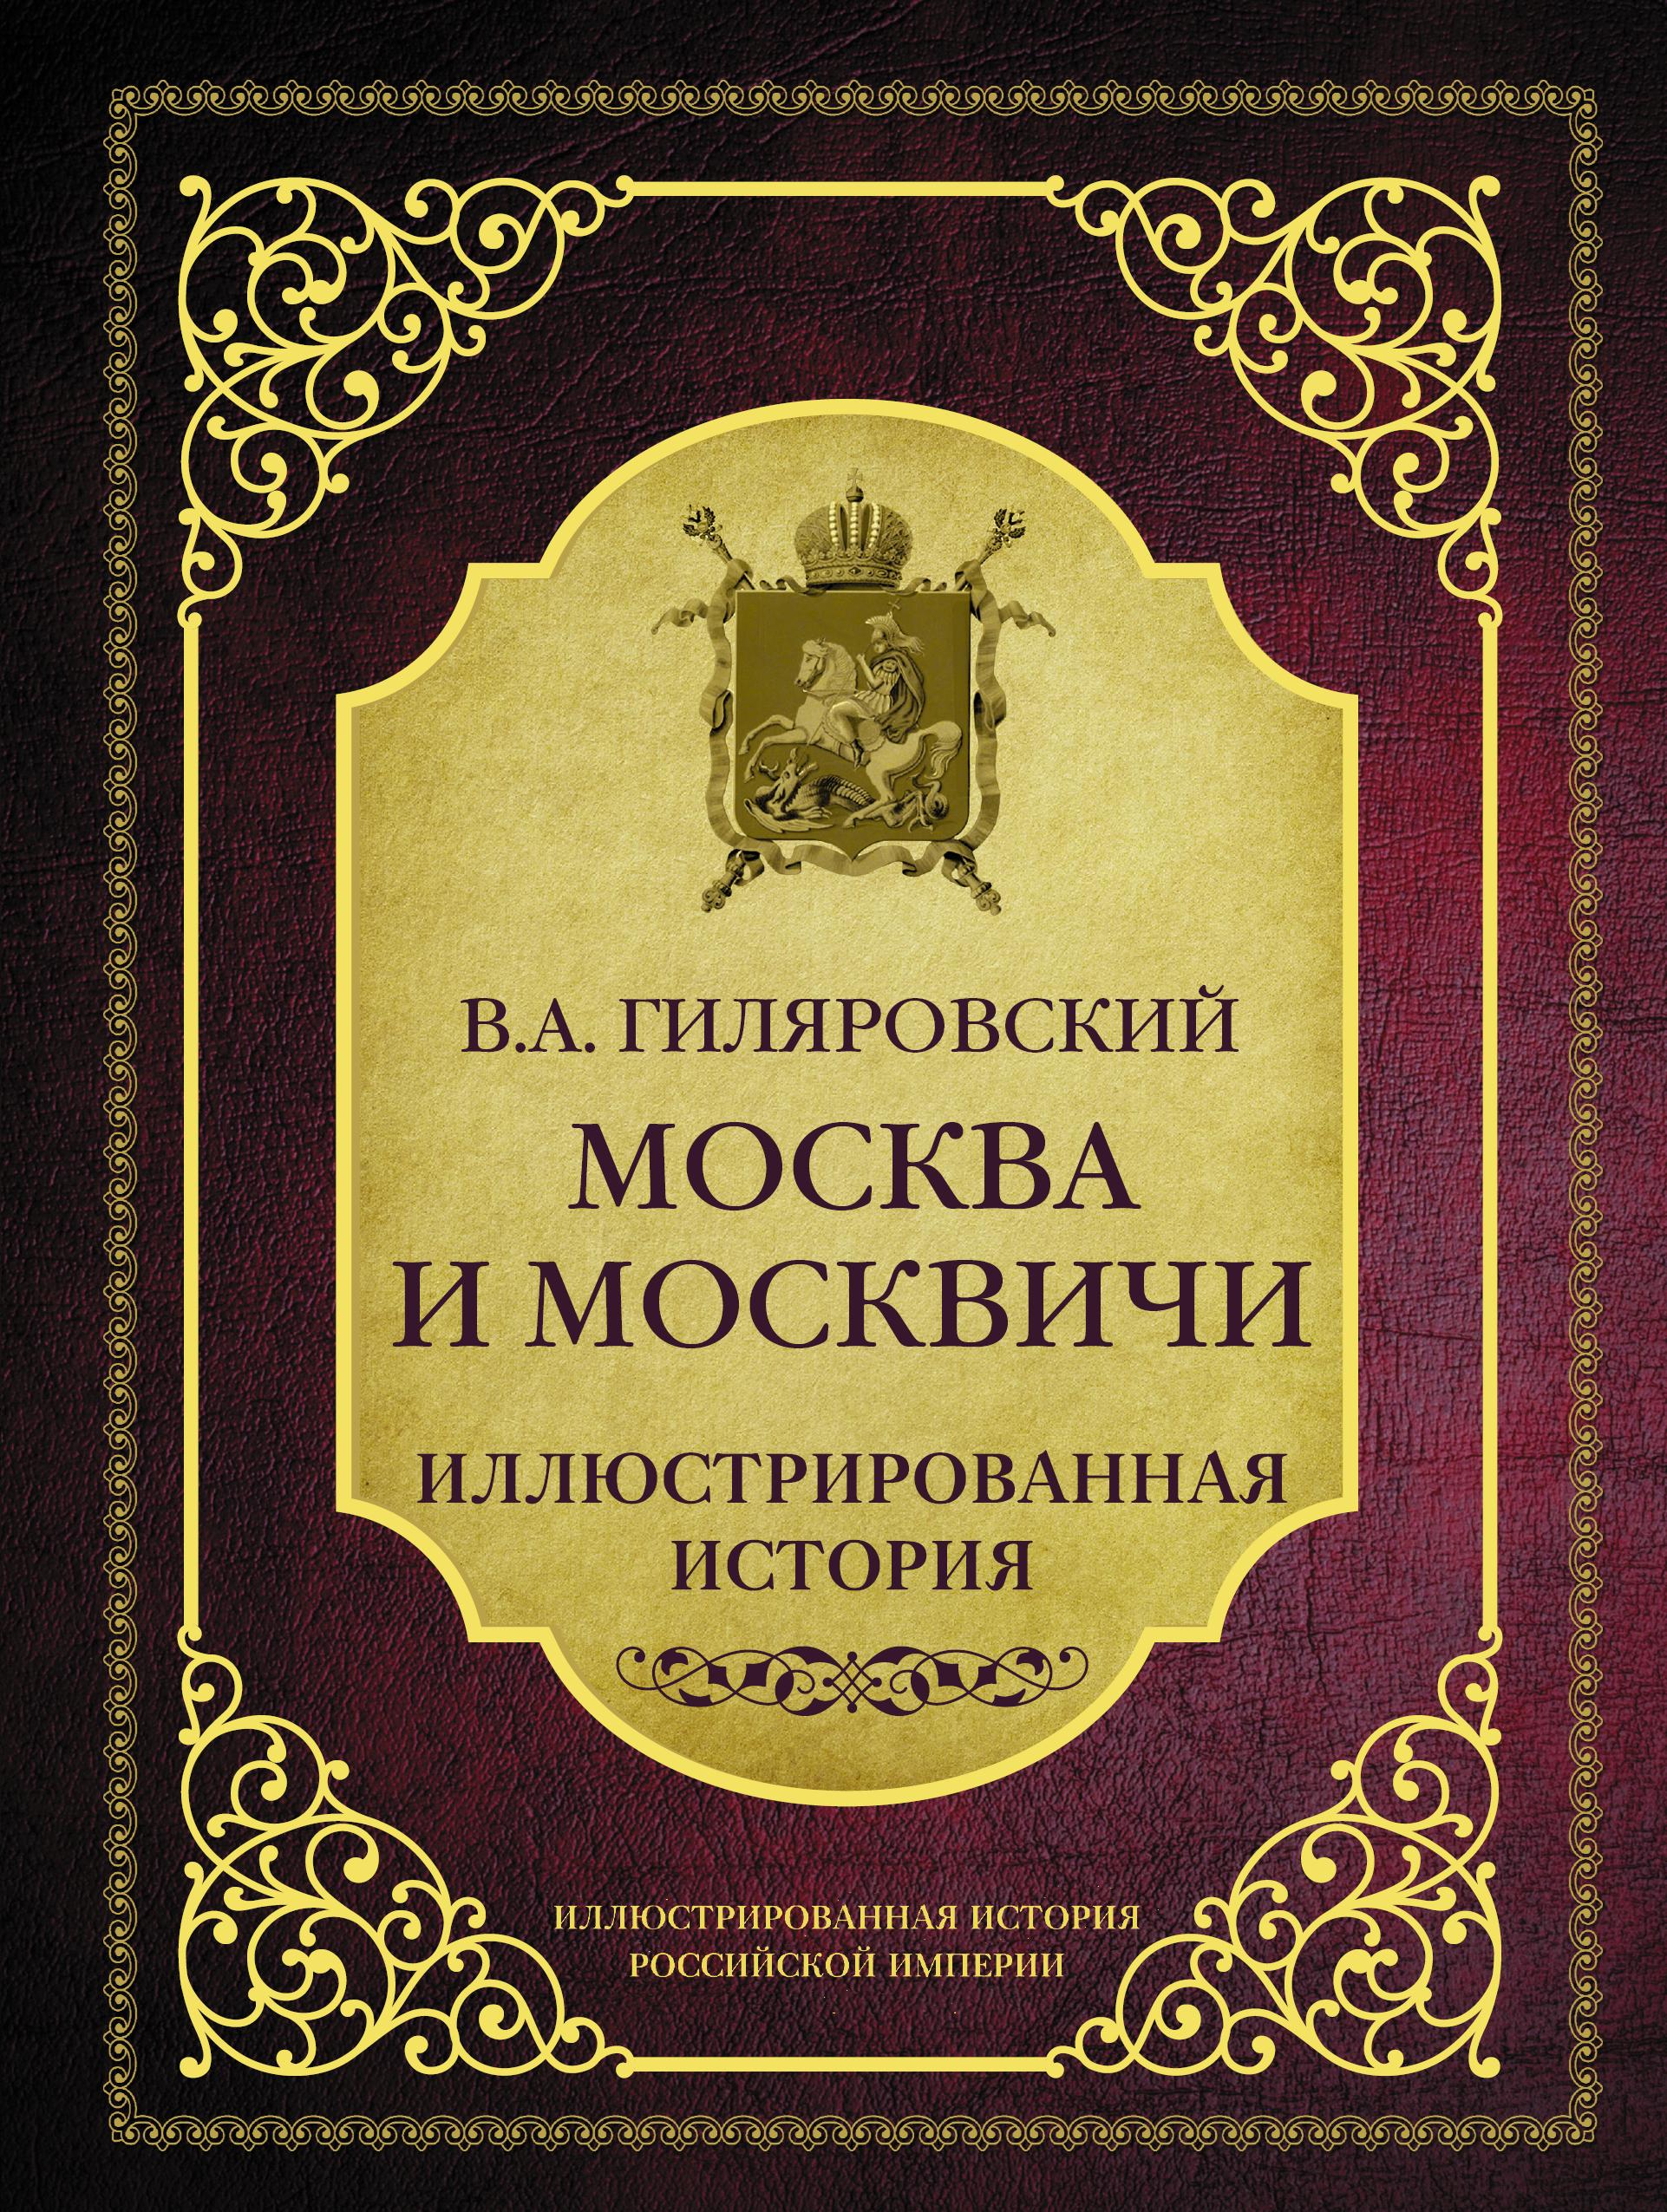 9785170964857 - Гиляровский В.А.: Москва и москвичи - Книга